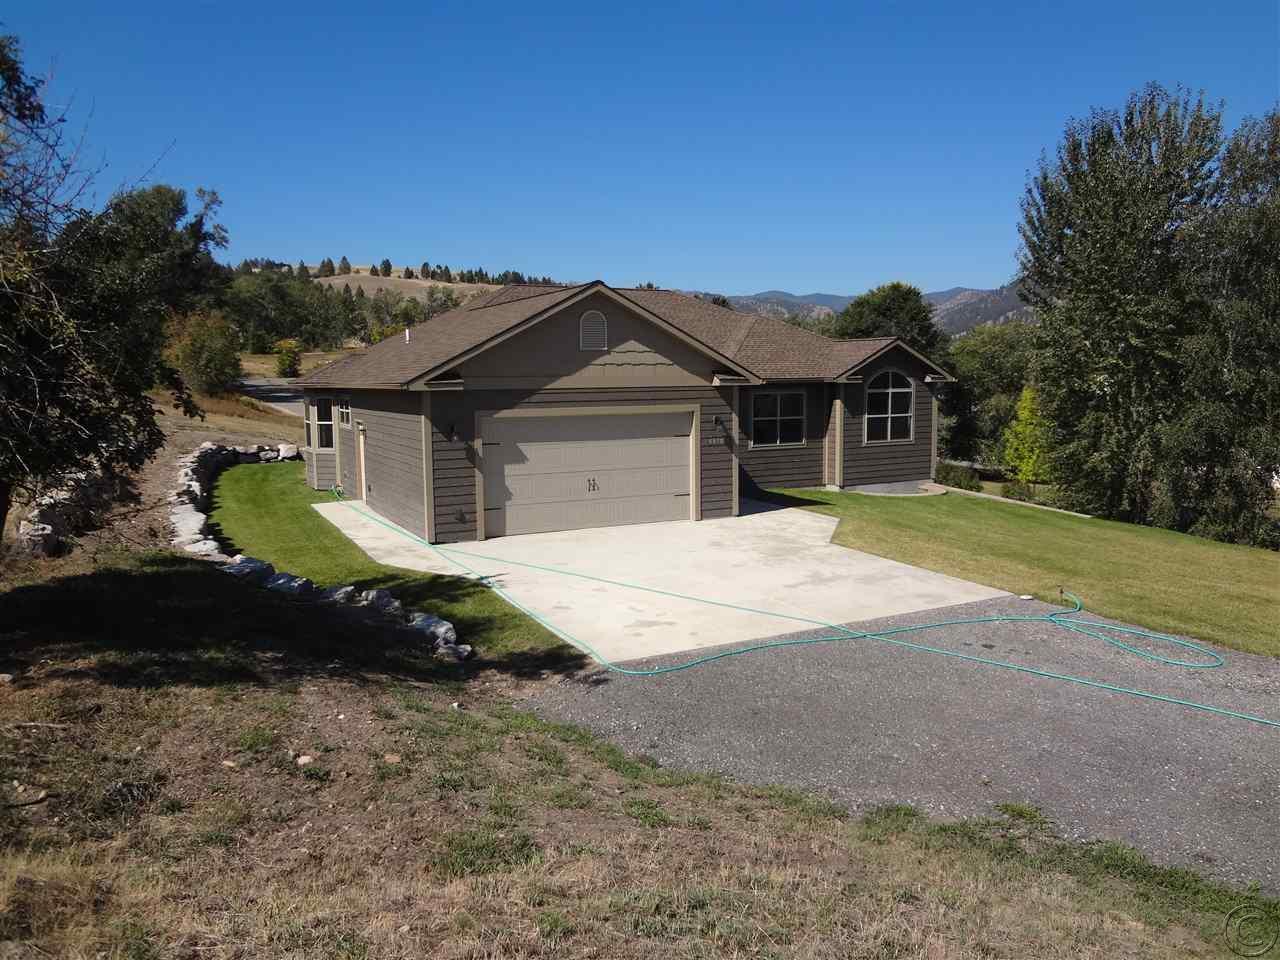 Real Estate for Sale, ListingId: 35439686, Lolo,MT59847